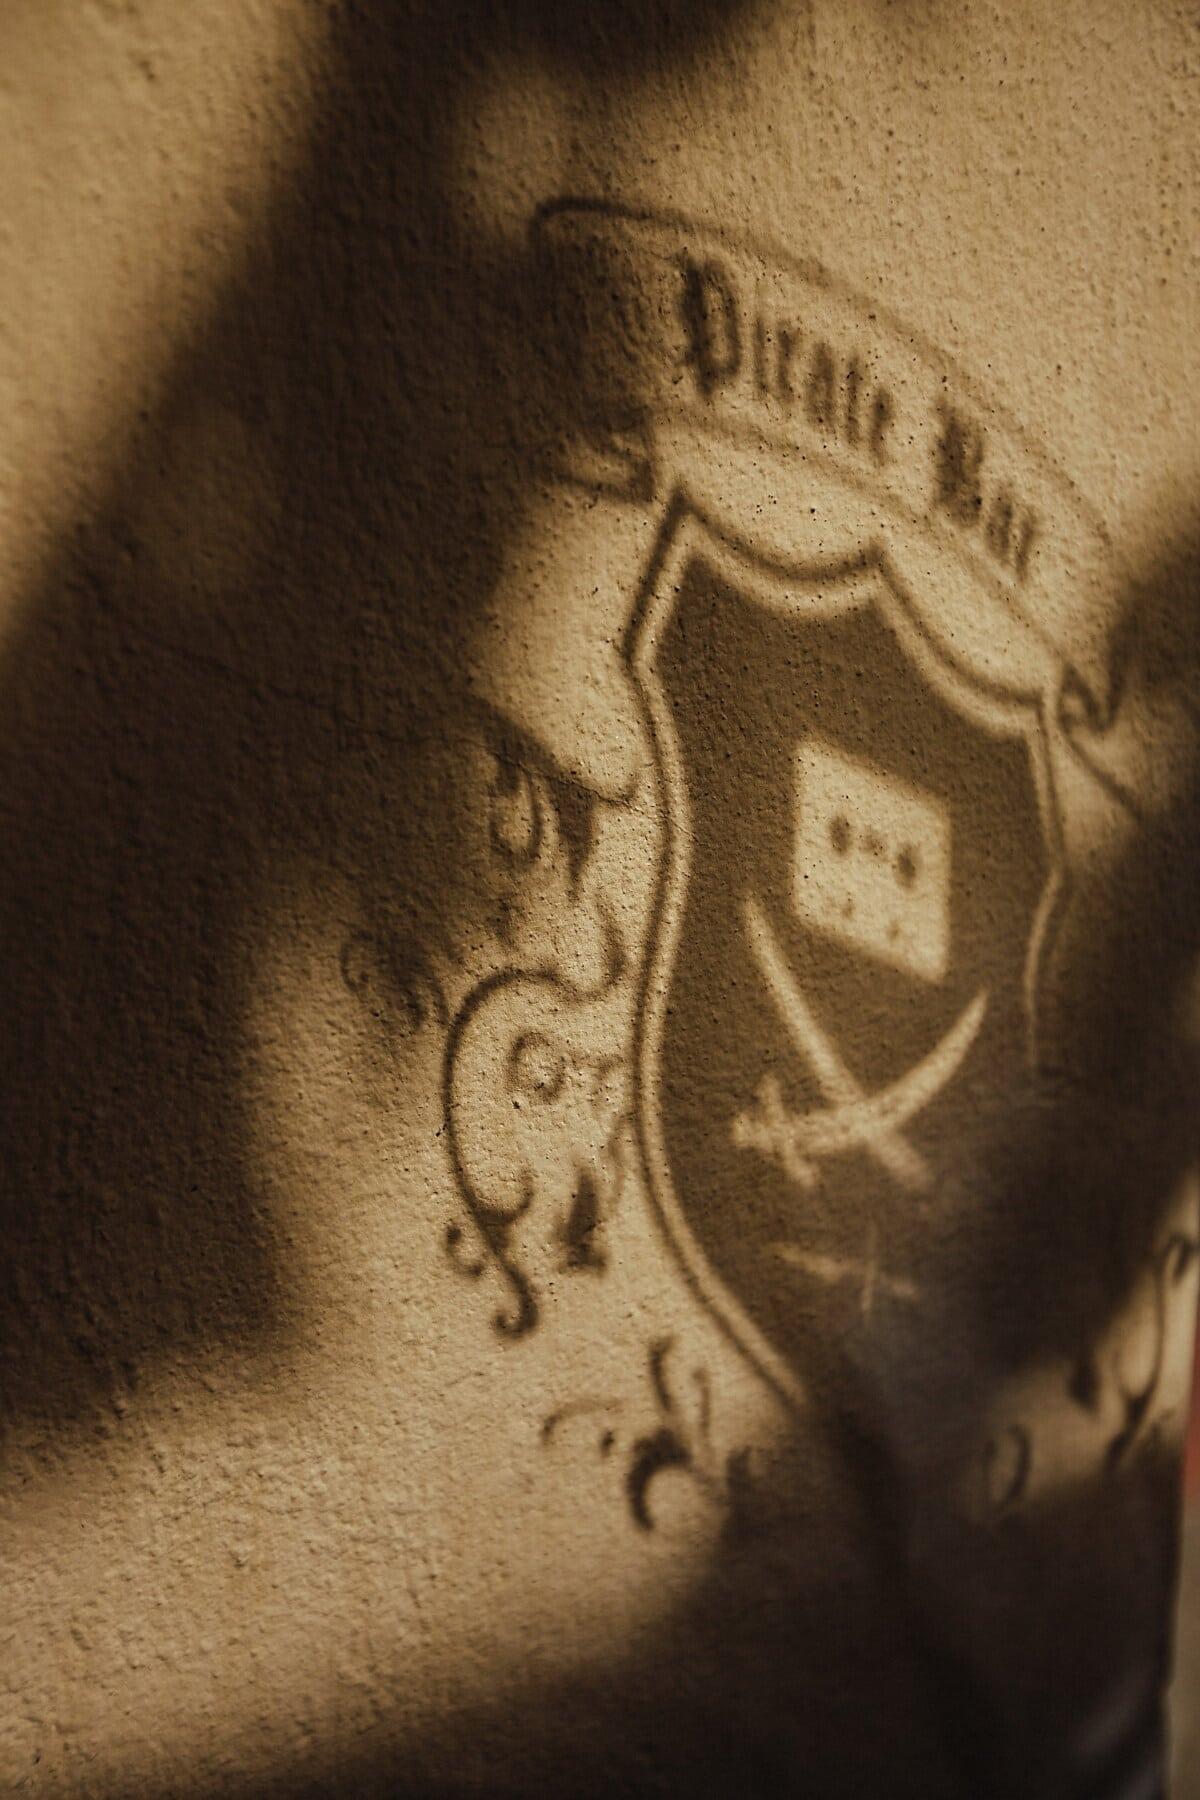 Pirat, Schatten, Zeichen, Dunkelheit, Wand, Jahrgang, Design, Retro, Kunst, dreckig